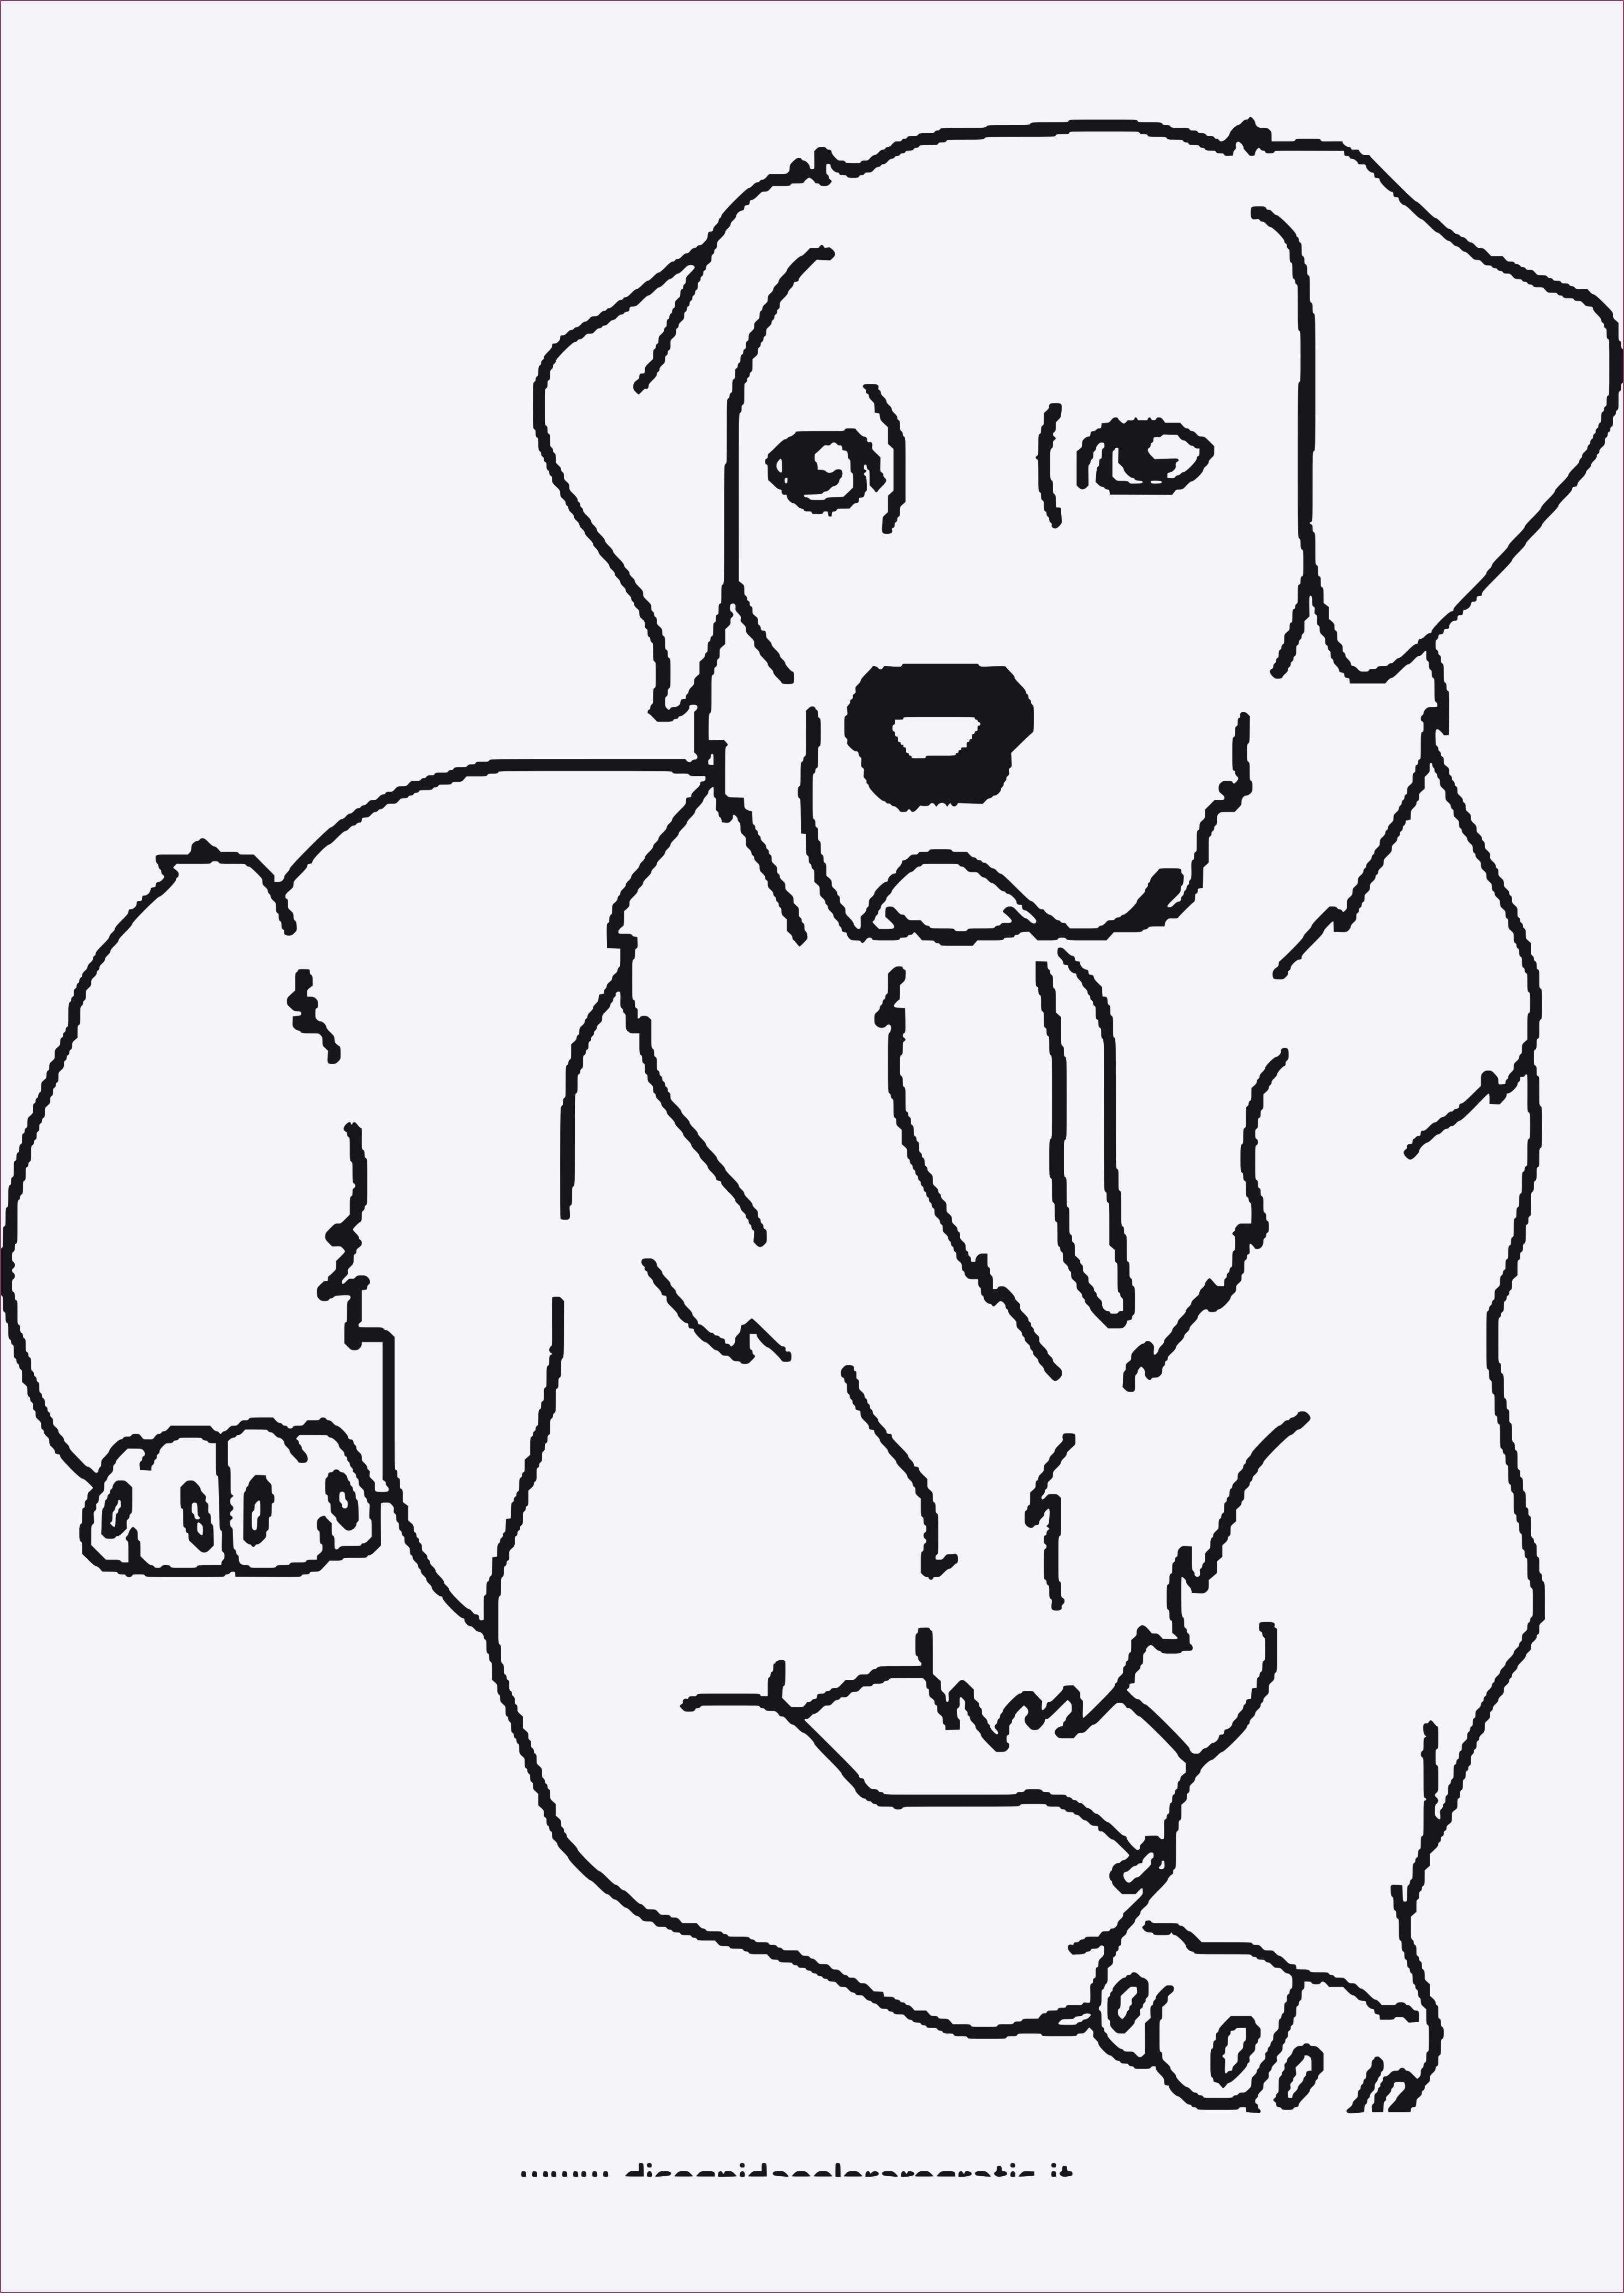 68 Elegant Ausmalbilder Tiere Kostenlos Zum Ausdrucken Ausmalbilder Tiere Ausmalbilder Ausmalbilder Hunde